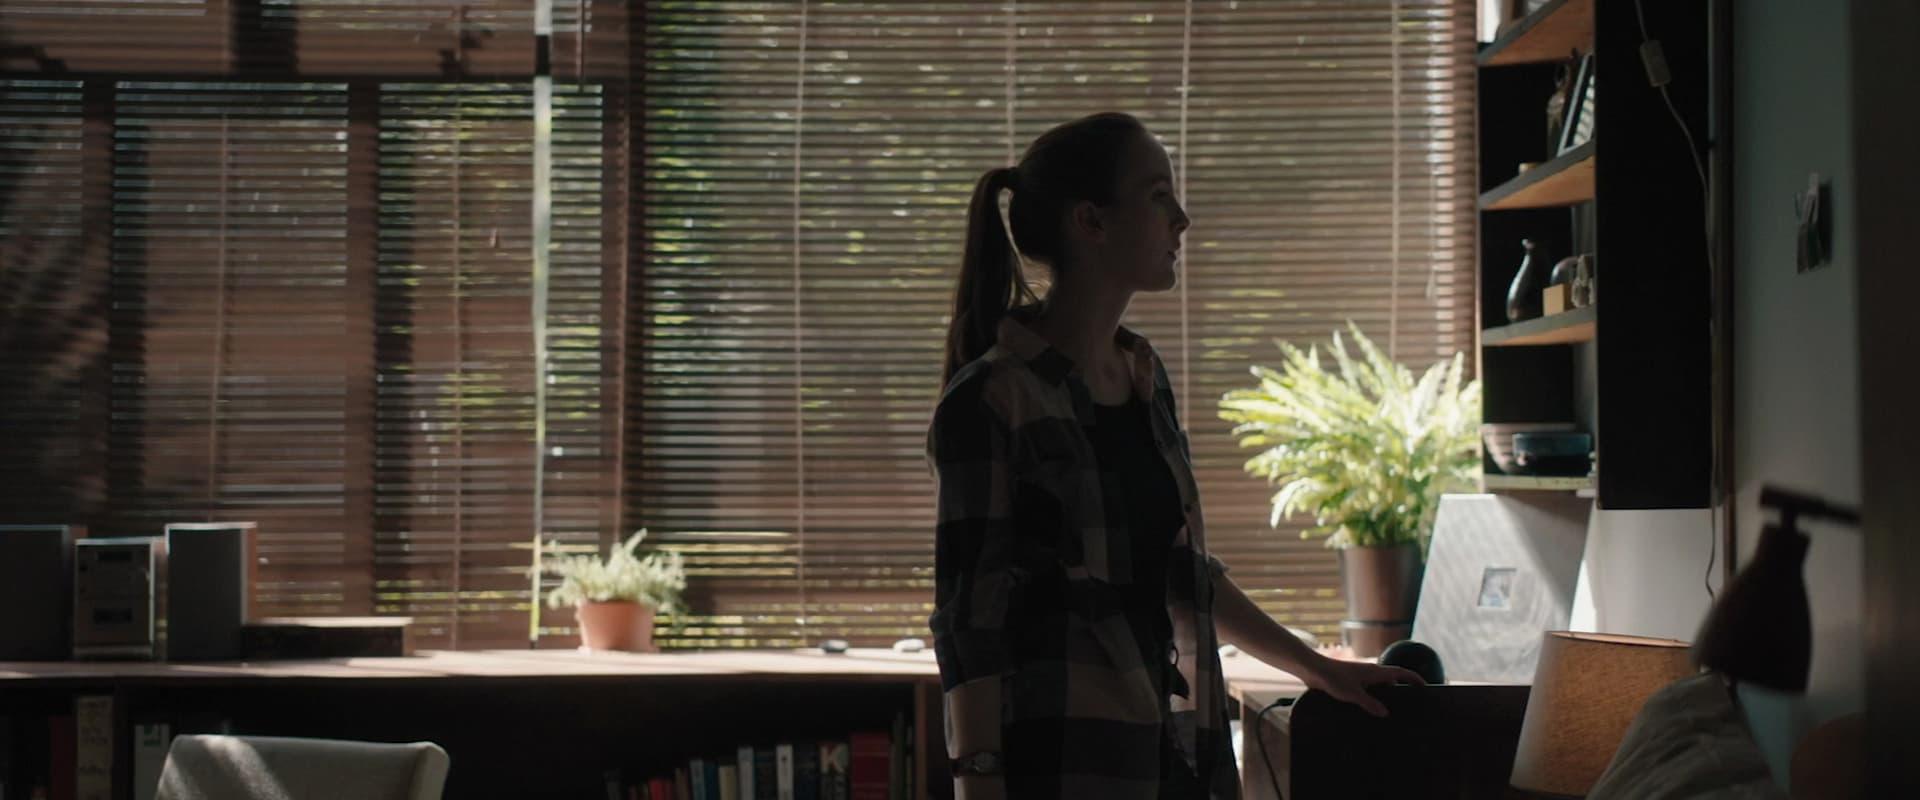 Рецензия на фильм «Роуз притворяется Джули». Deaddinos - изображение 1